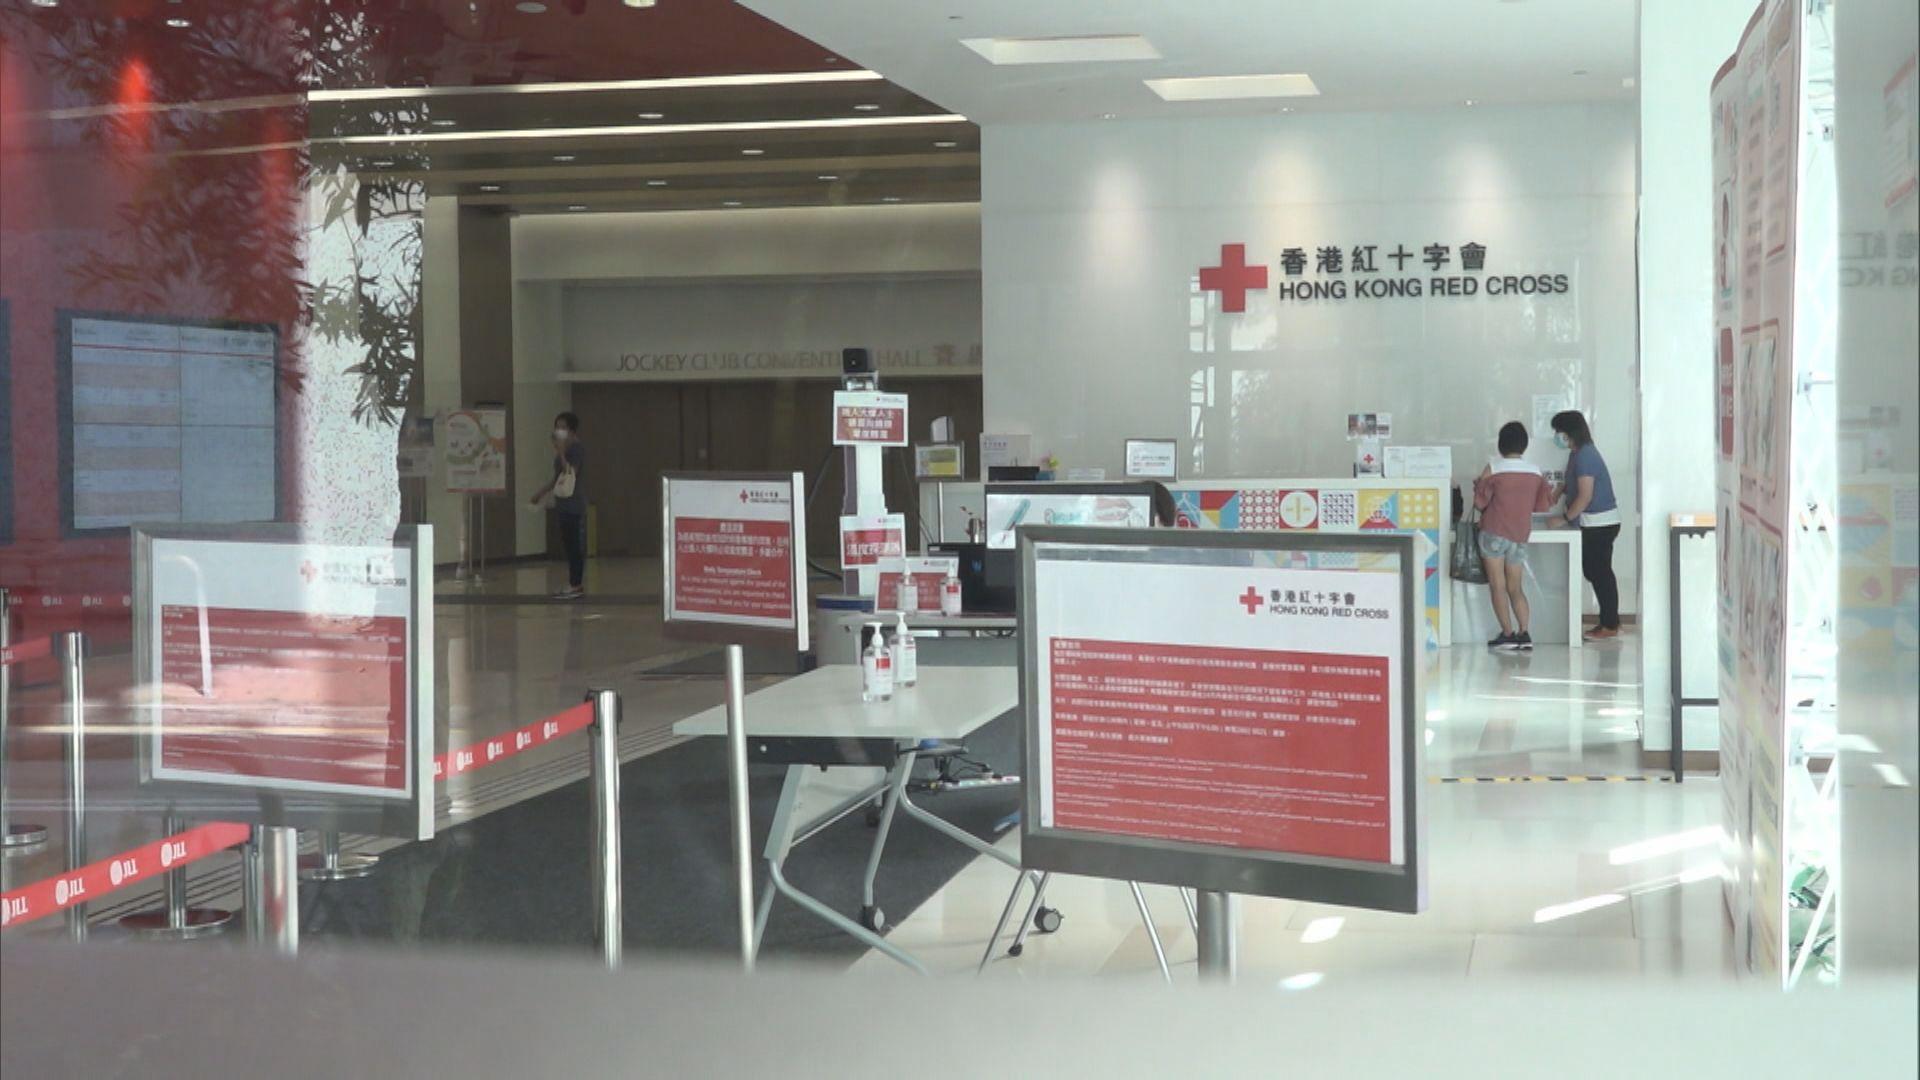 紅十字會一兼職員工初步確診 無到過總部六樓捐血站